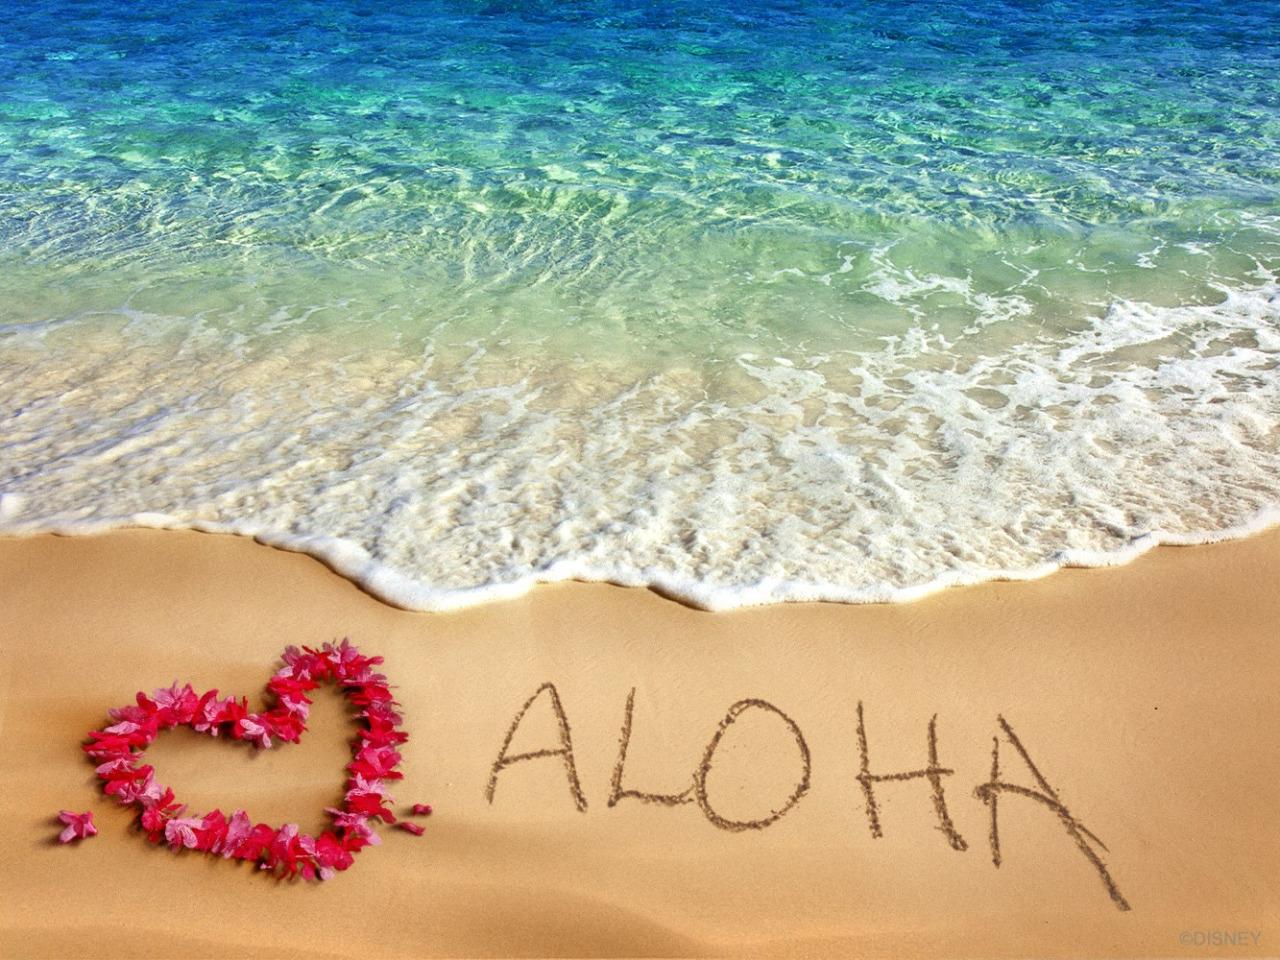 Aloha - Cool - Harp Sheet